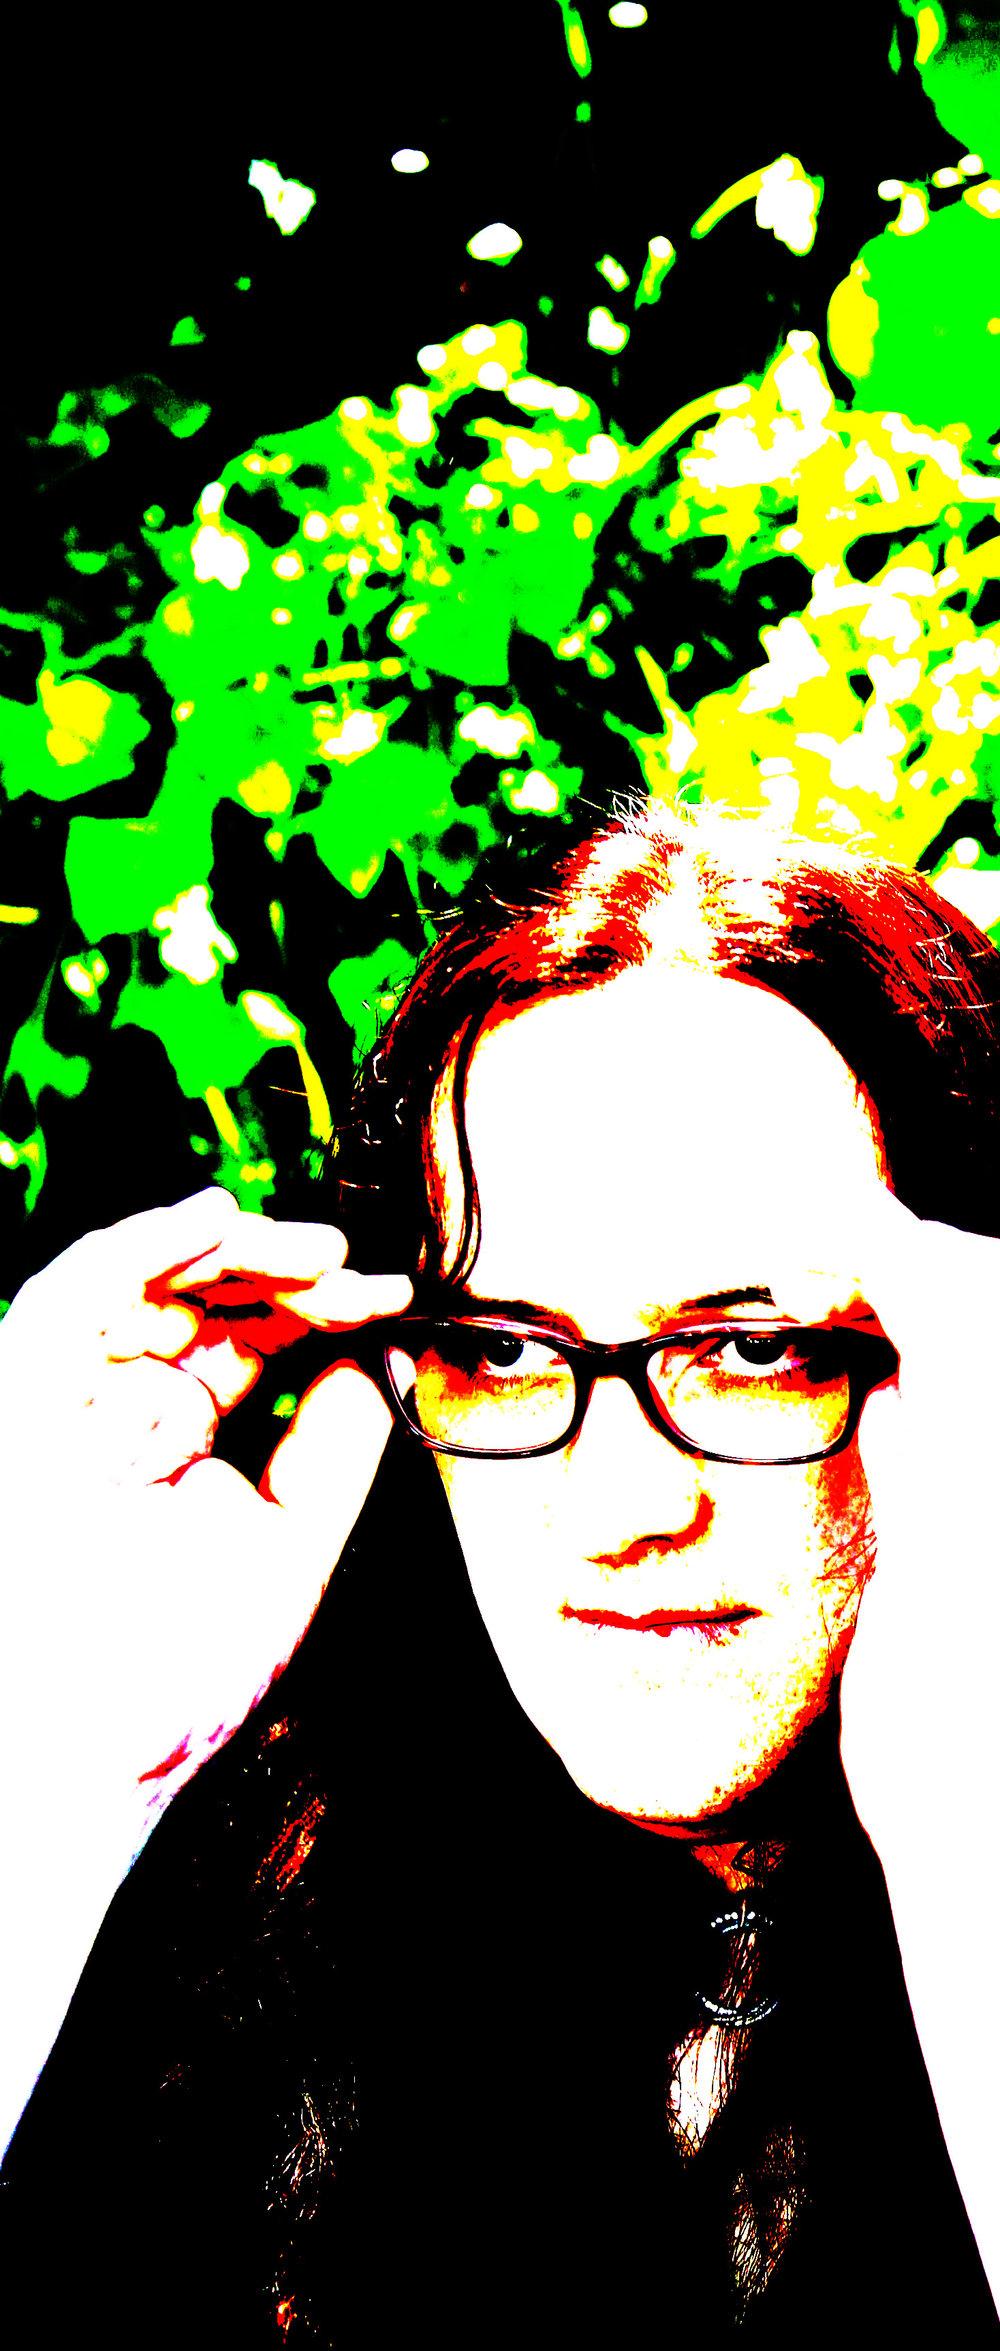 web_H5A9442colouredge.jpg